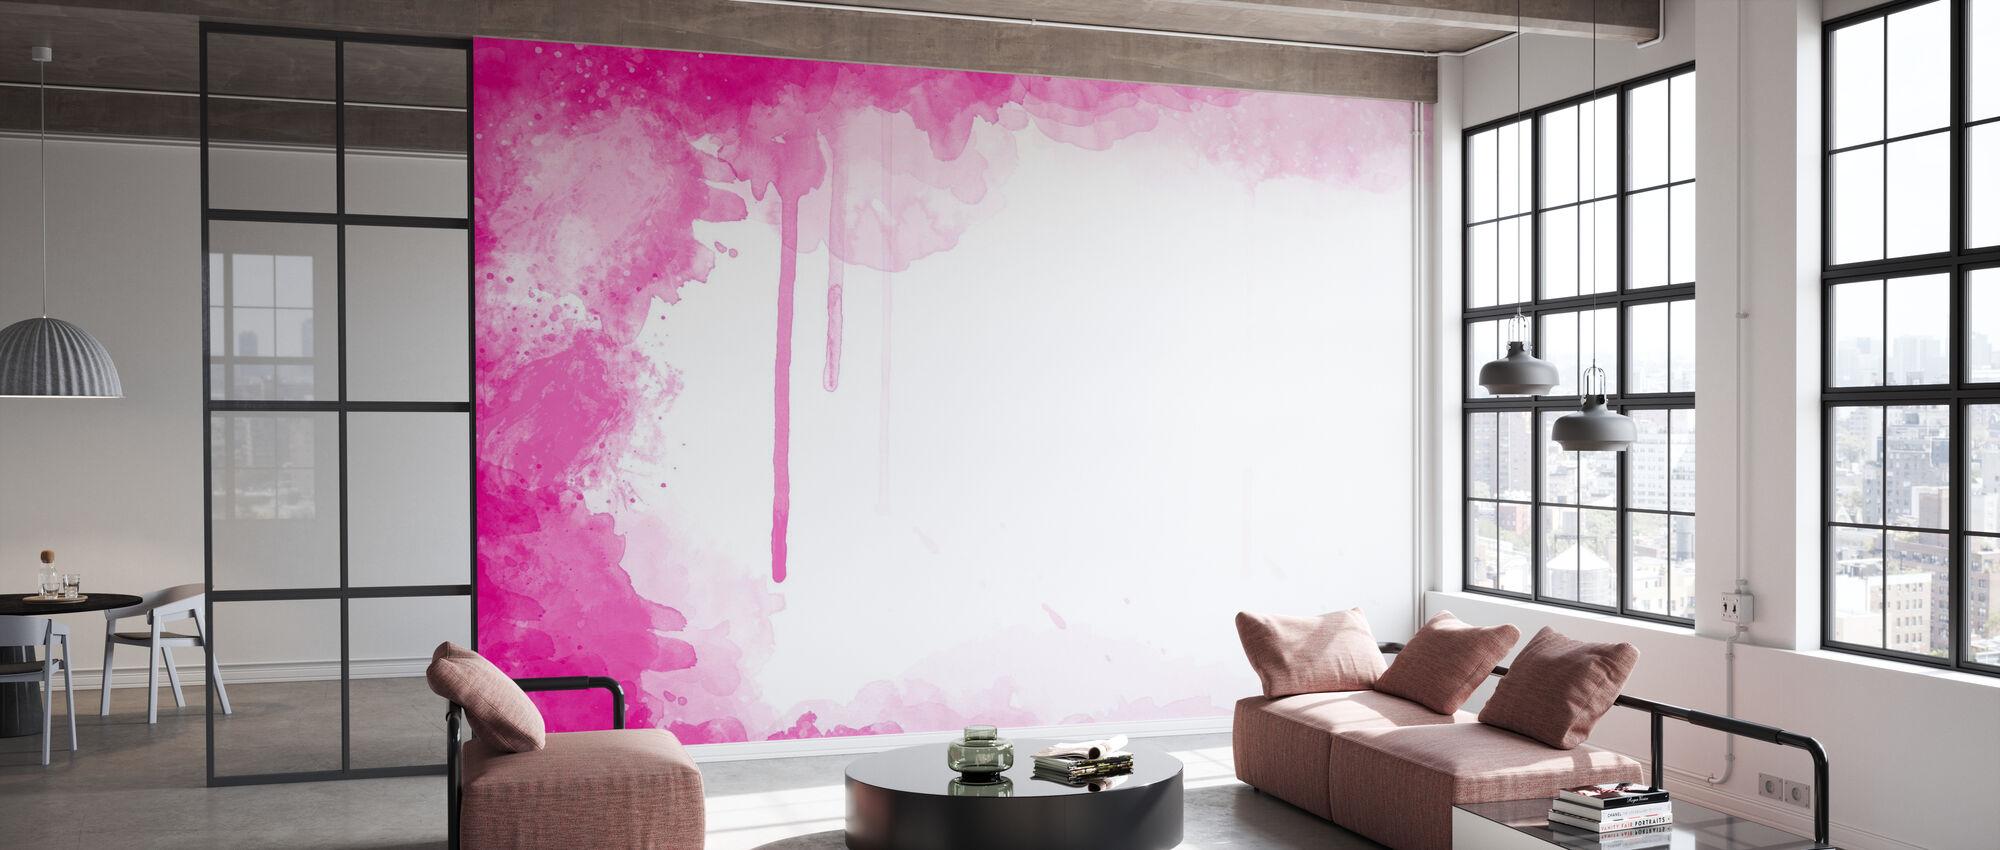 Fuchsia Watercolor - Wallpaper - Office